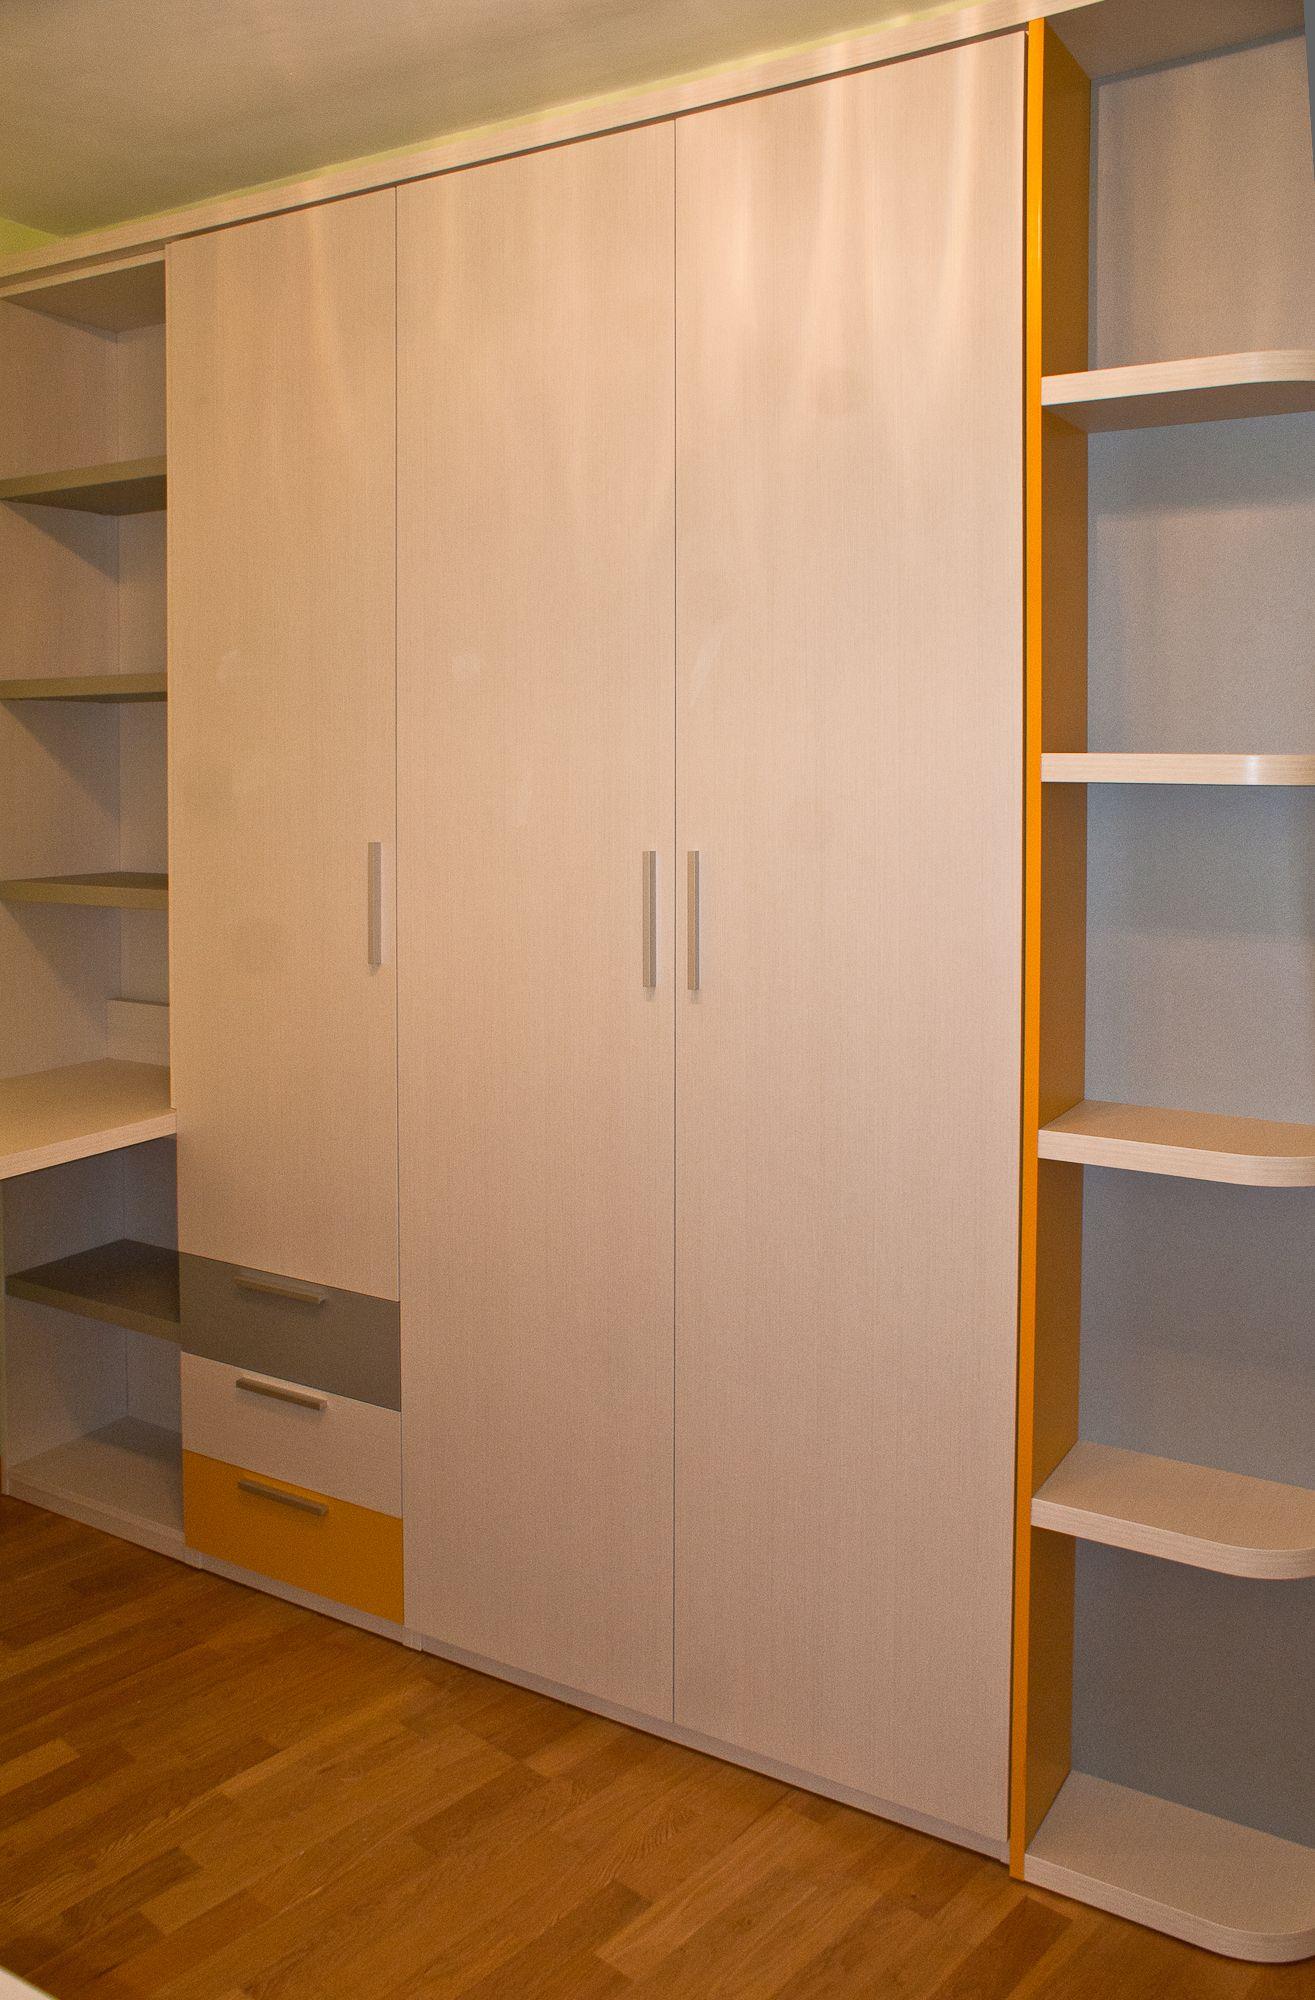 Proyecto Mueble Funcional Diseño De Mobiliario A Medida: Habitación Juvenil Moderna De Diseño A Medida. . WEB